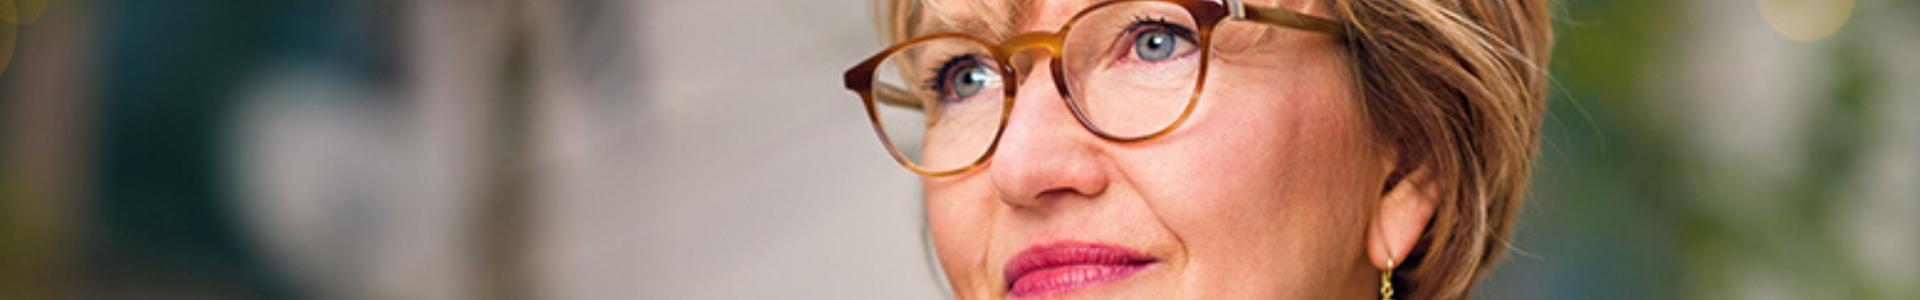 Expert Marketplace - Dr. Kerstin Gernig